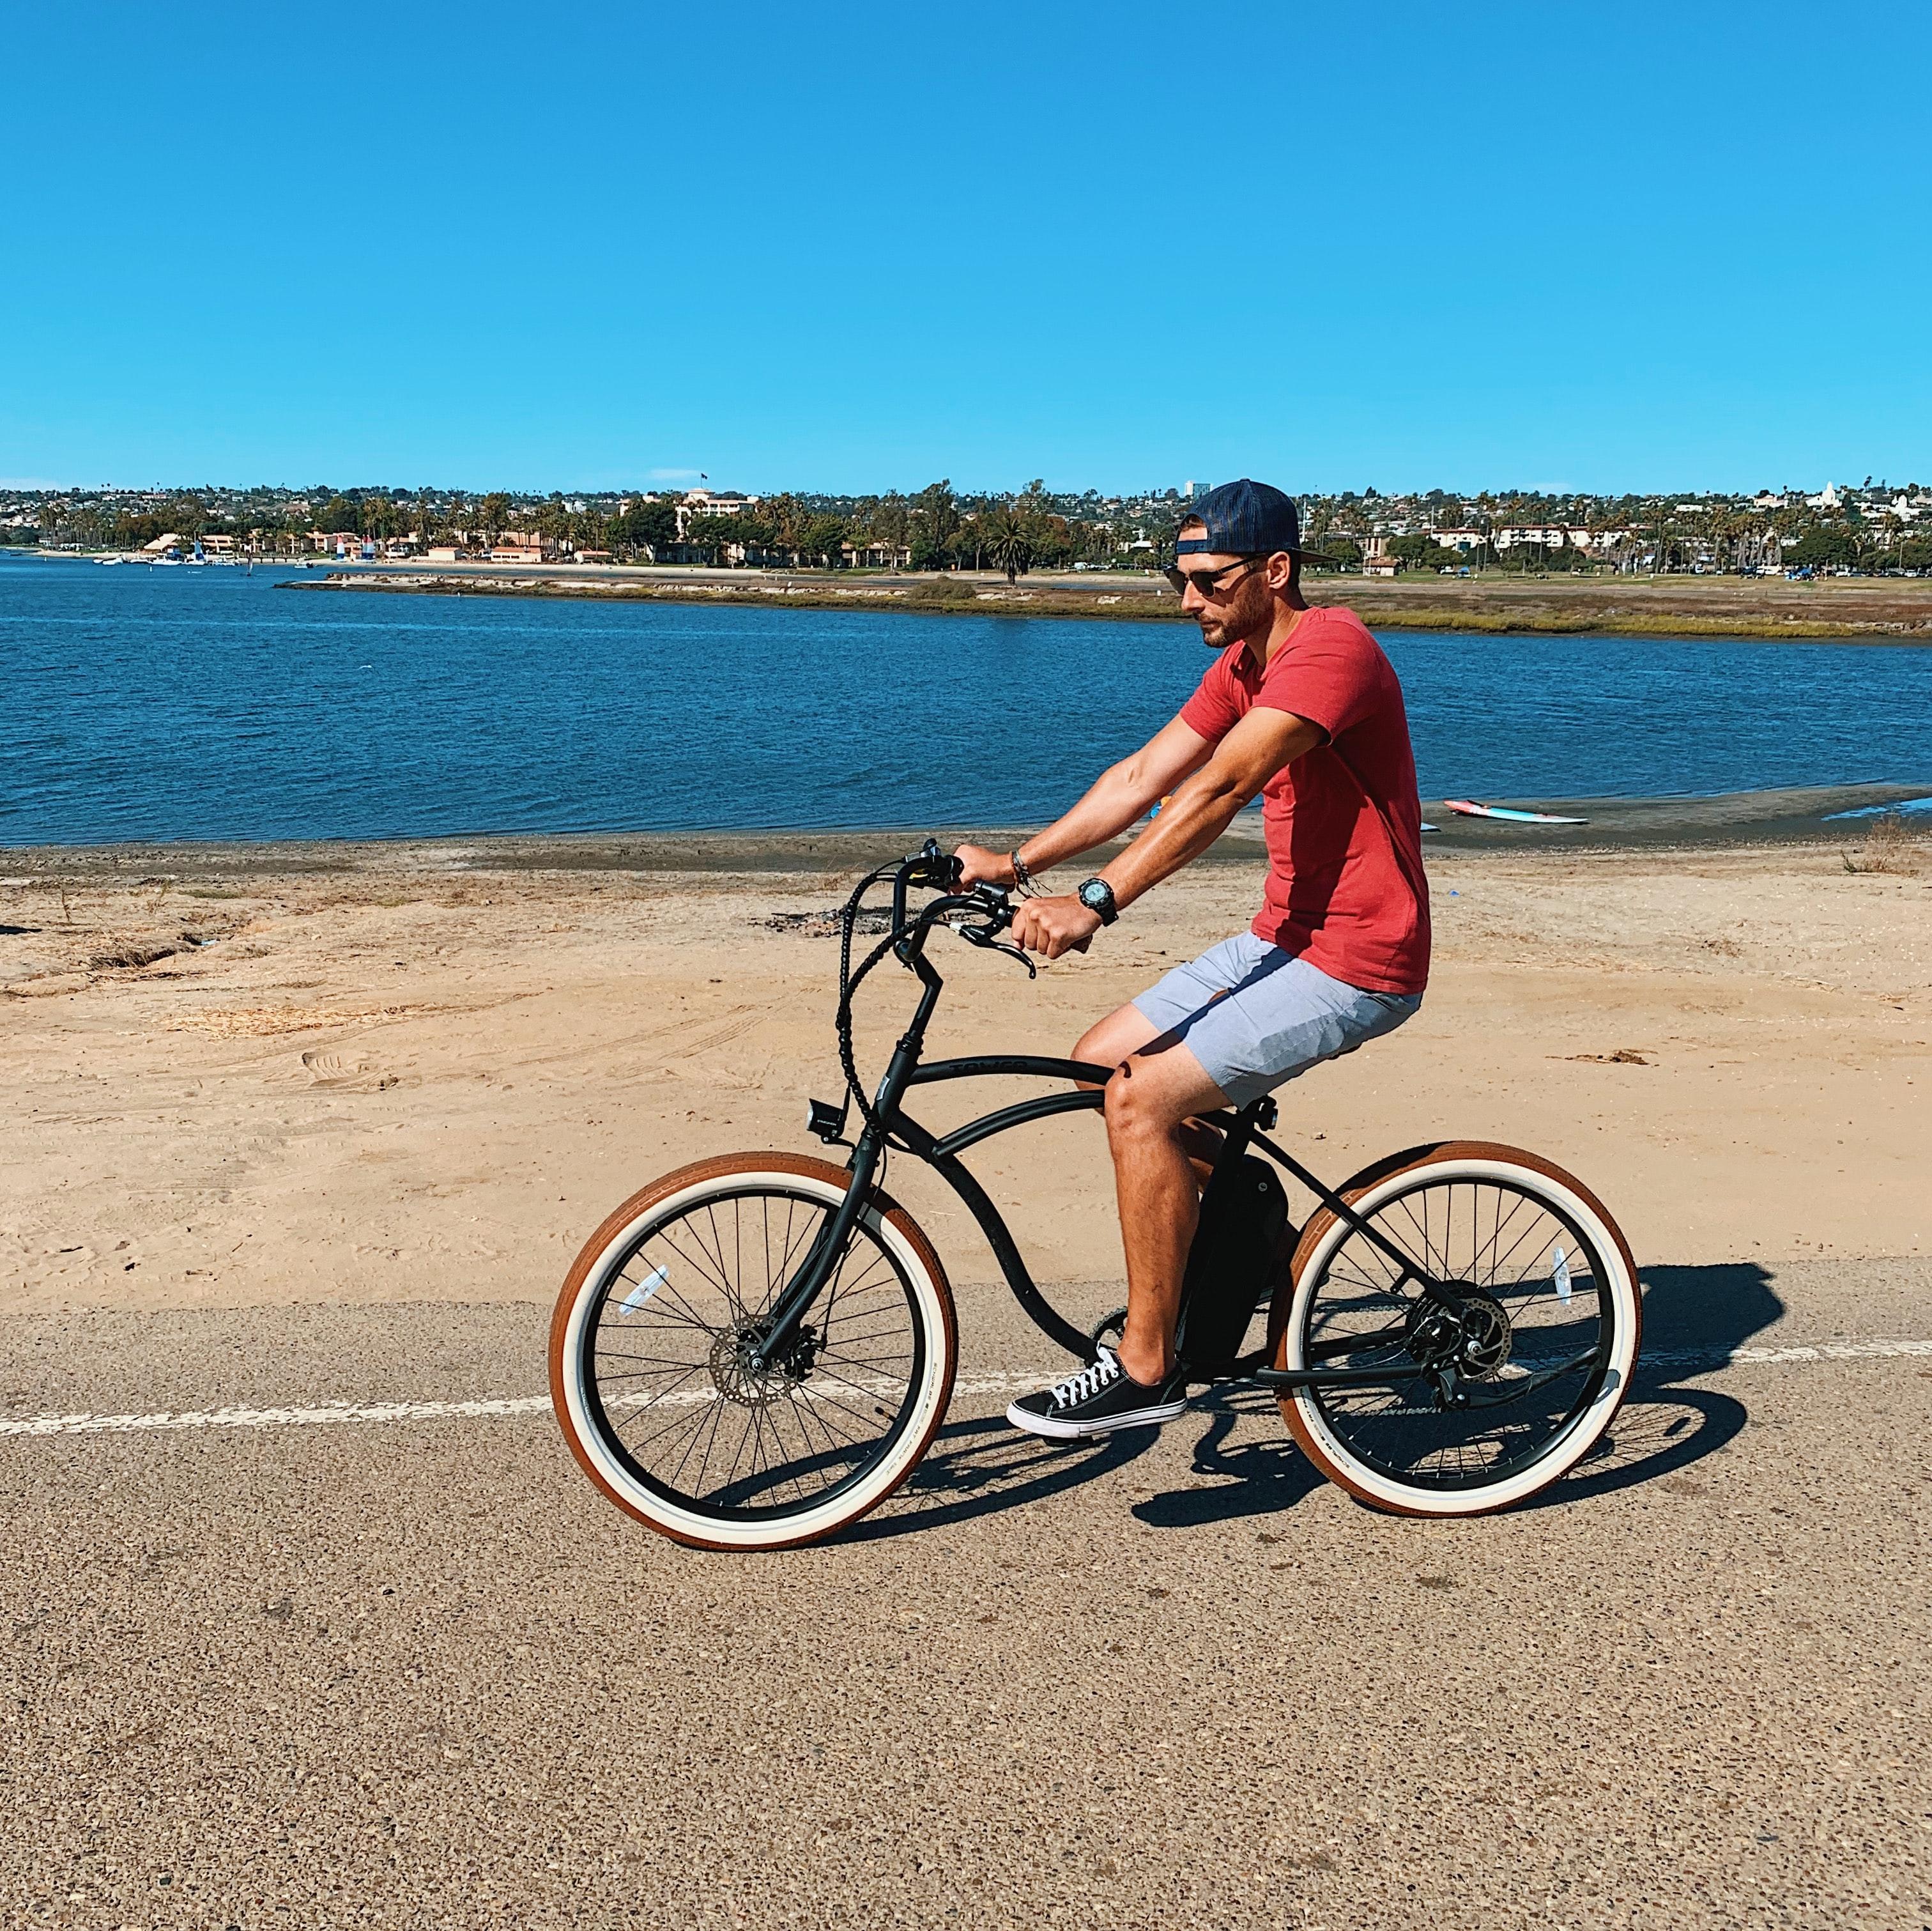 el cykel ved strand